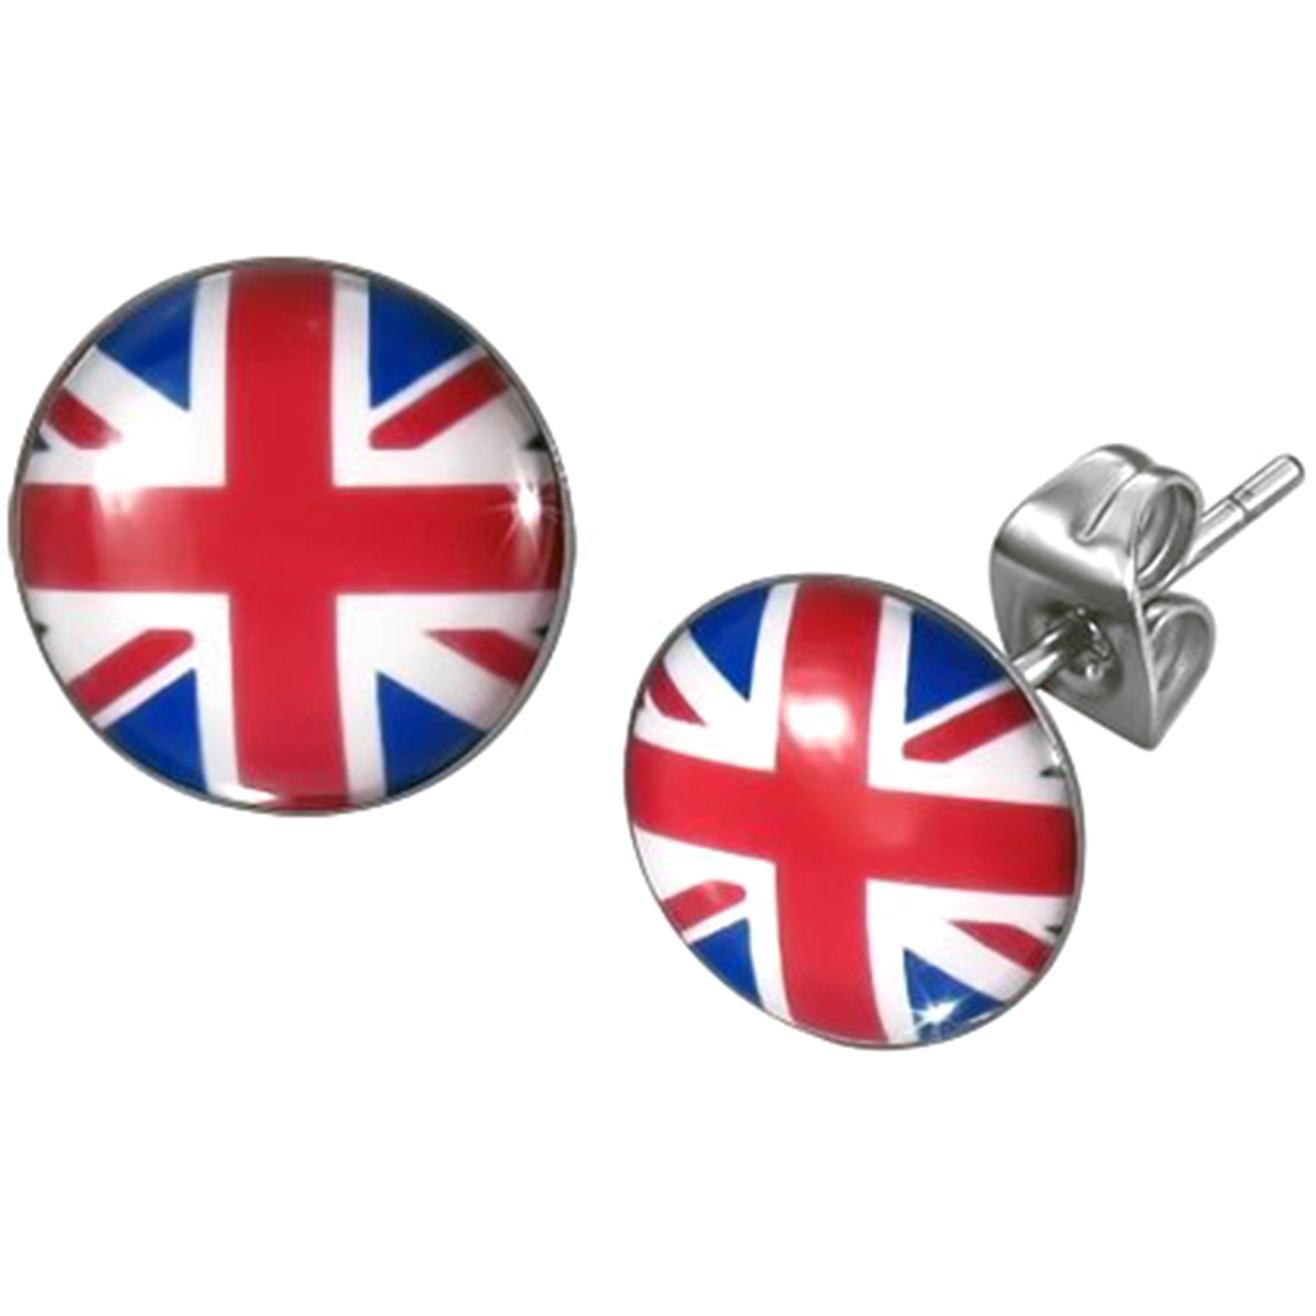 Boucles d'oreille clous acier inoxydable drapeau Royaume-Unis